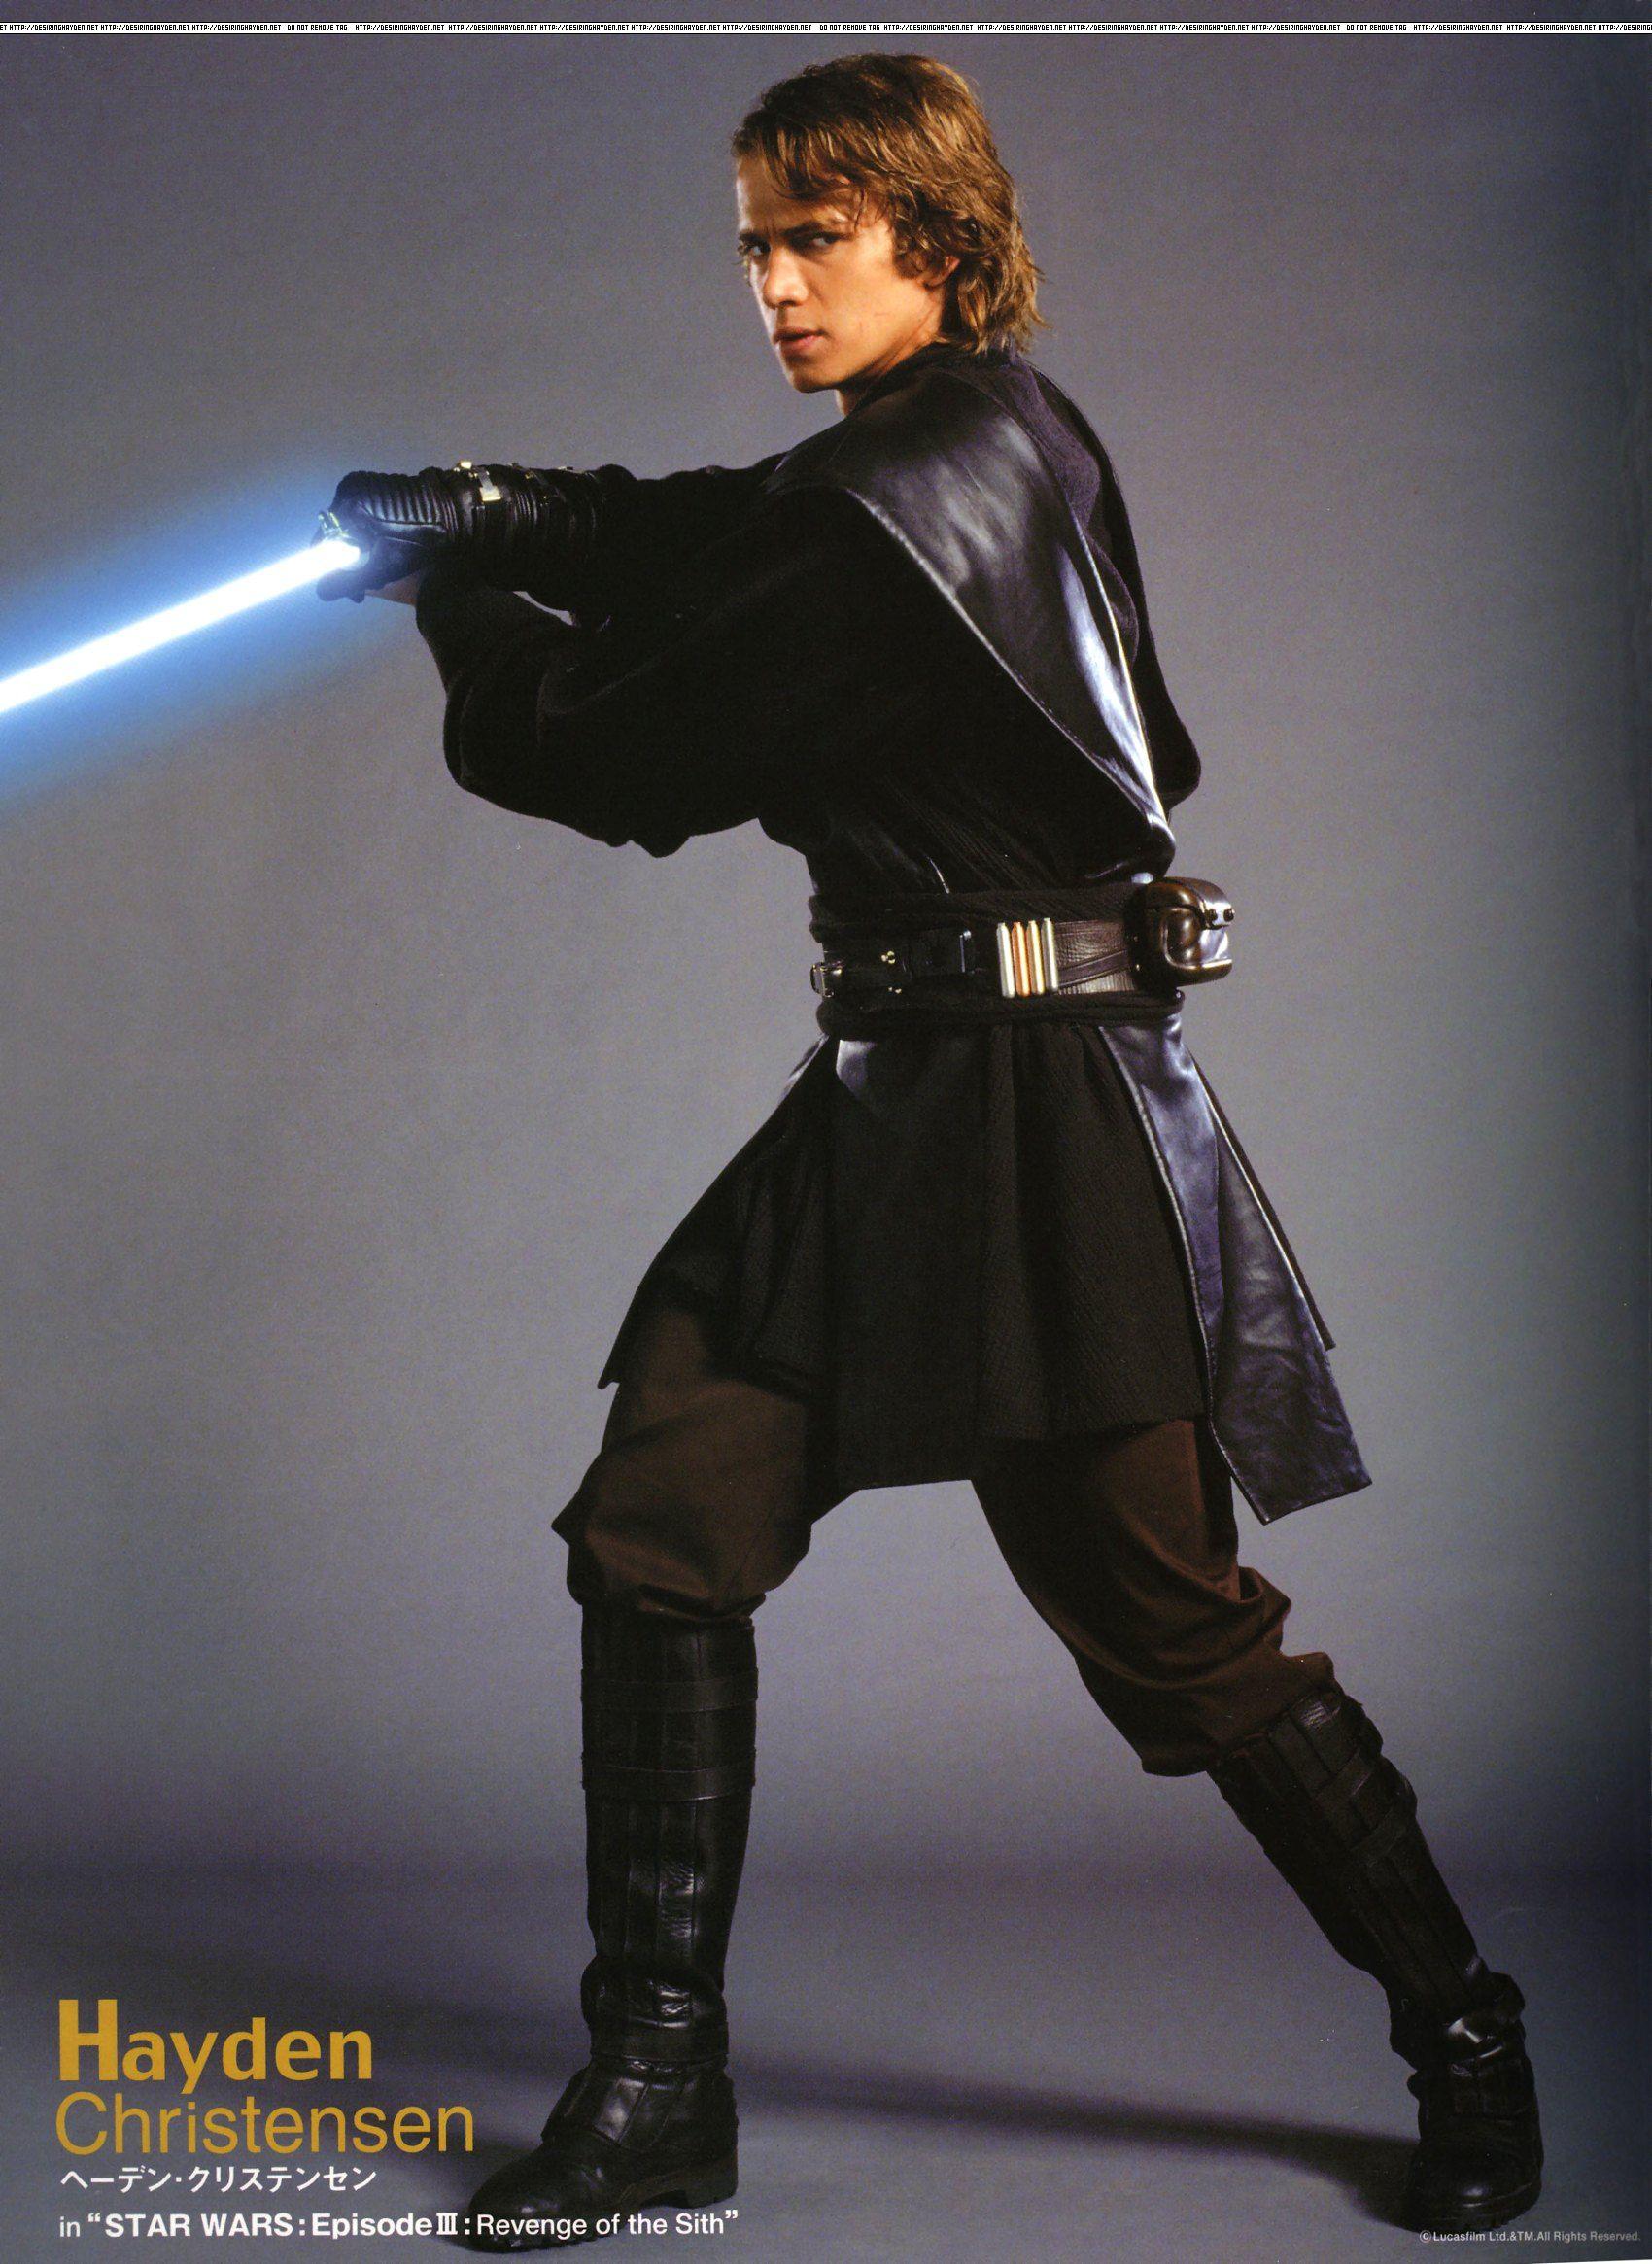 Hayden Christensen As Anakin Sywalker Photo Episode Iii Anakin Skywalker Star Wars Anakin Star Wars Episodes Anakin Skywalker